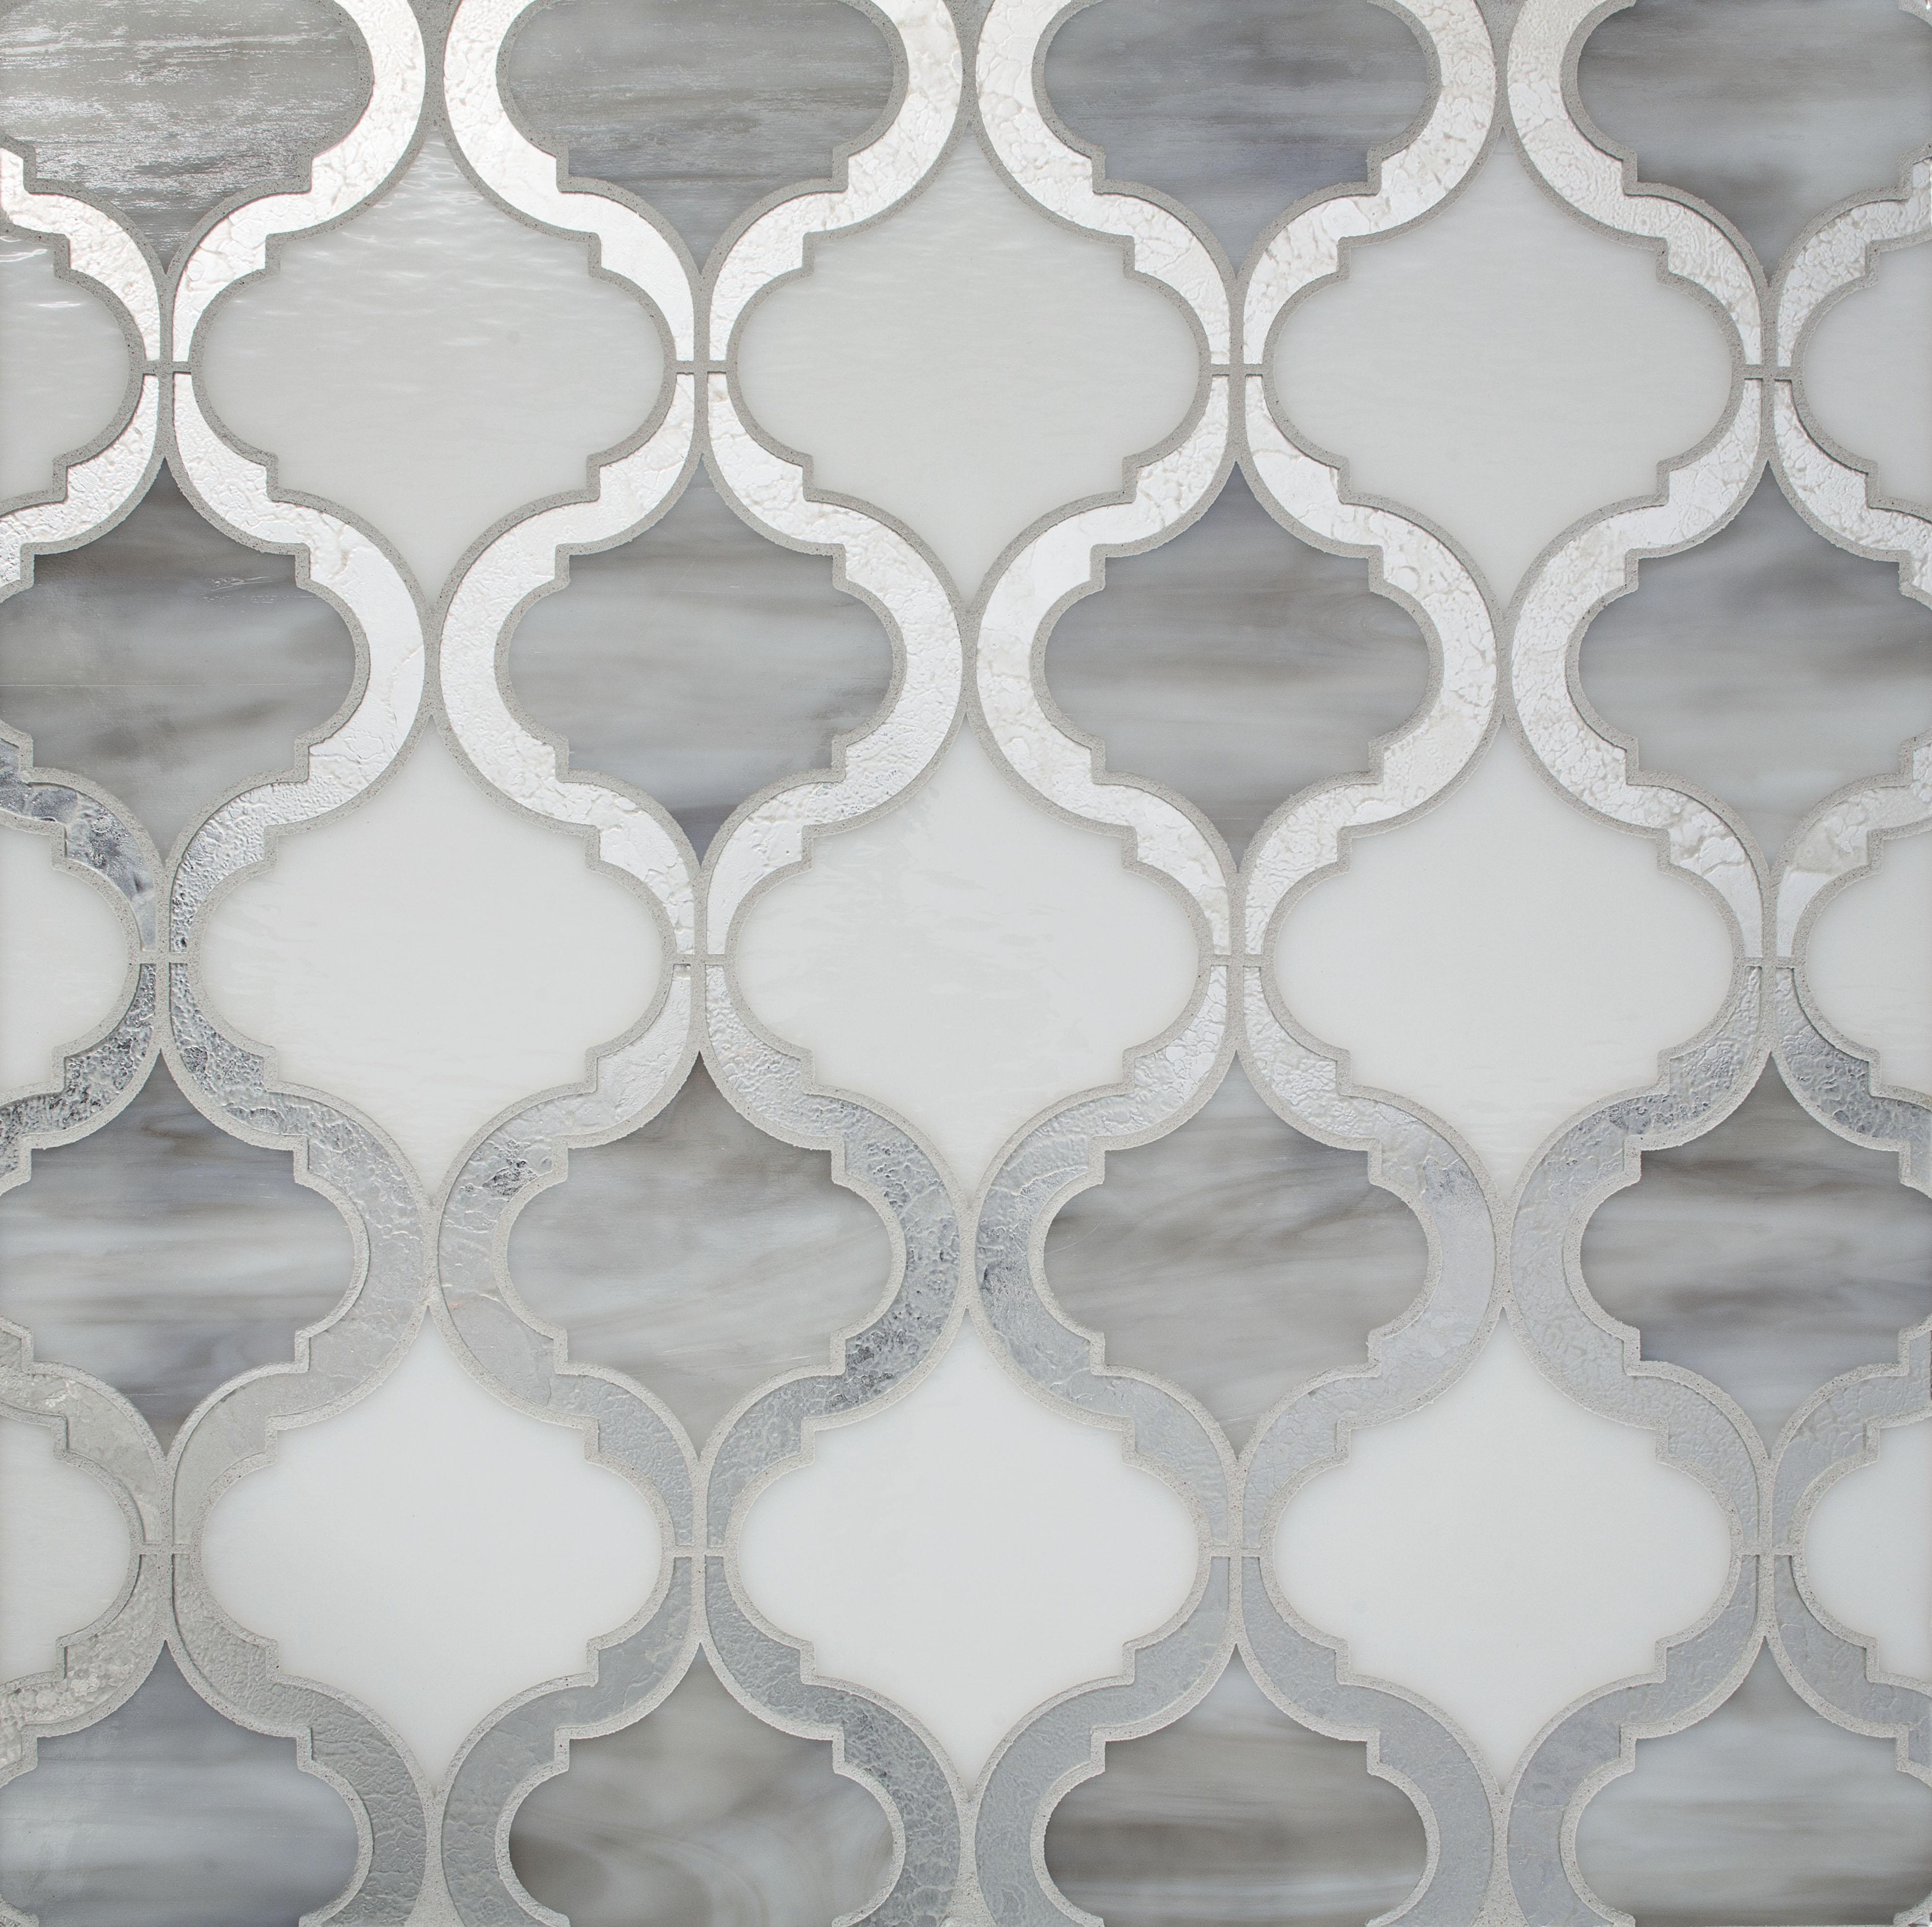 arabesque-glass-tile-pattern